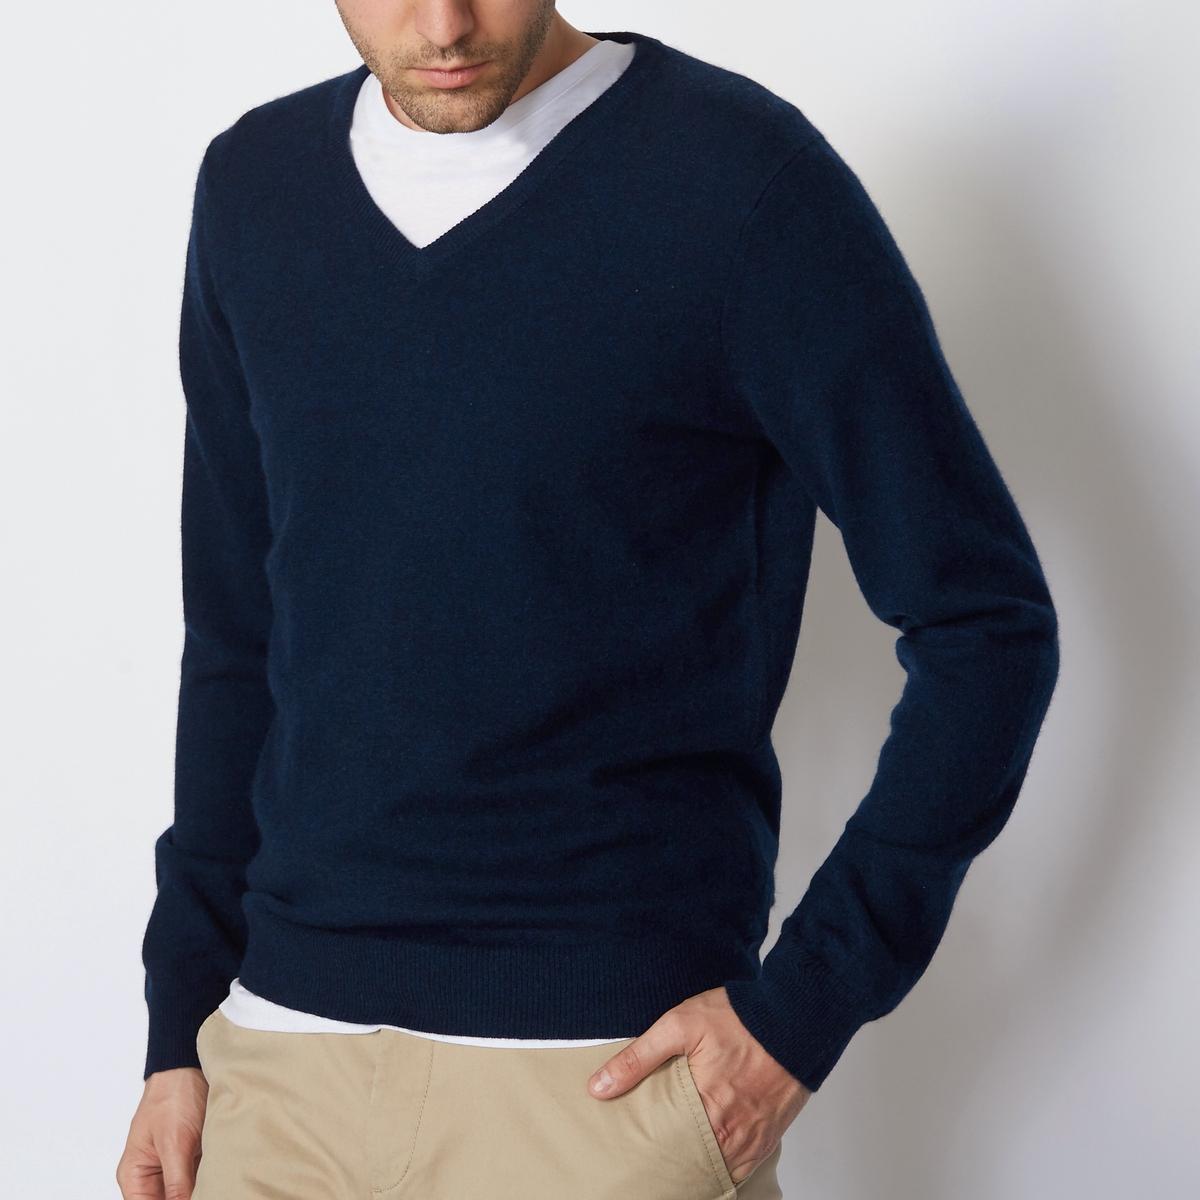 Пуловер из кашемира с V-образным вырезомСостав и описание Материал : 100% кашемирДлина : 66 смМарка : R essentiel<br><br>Цвет: темно-серый меланж,темно-синий,черный,экрю